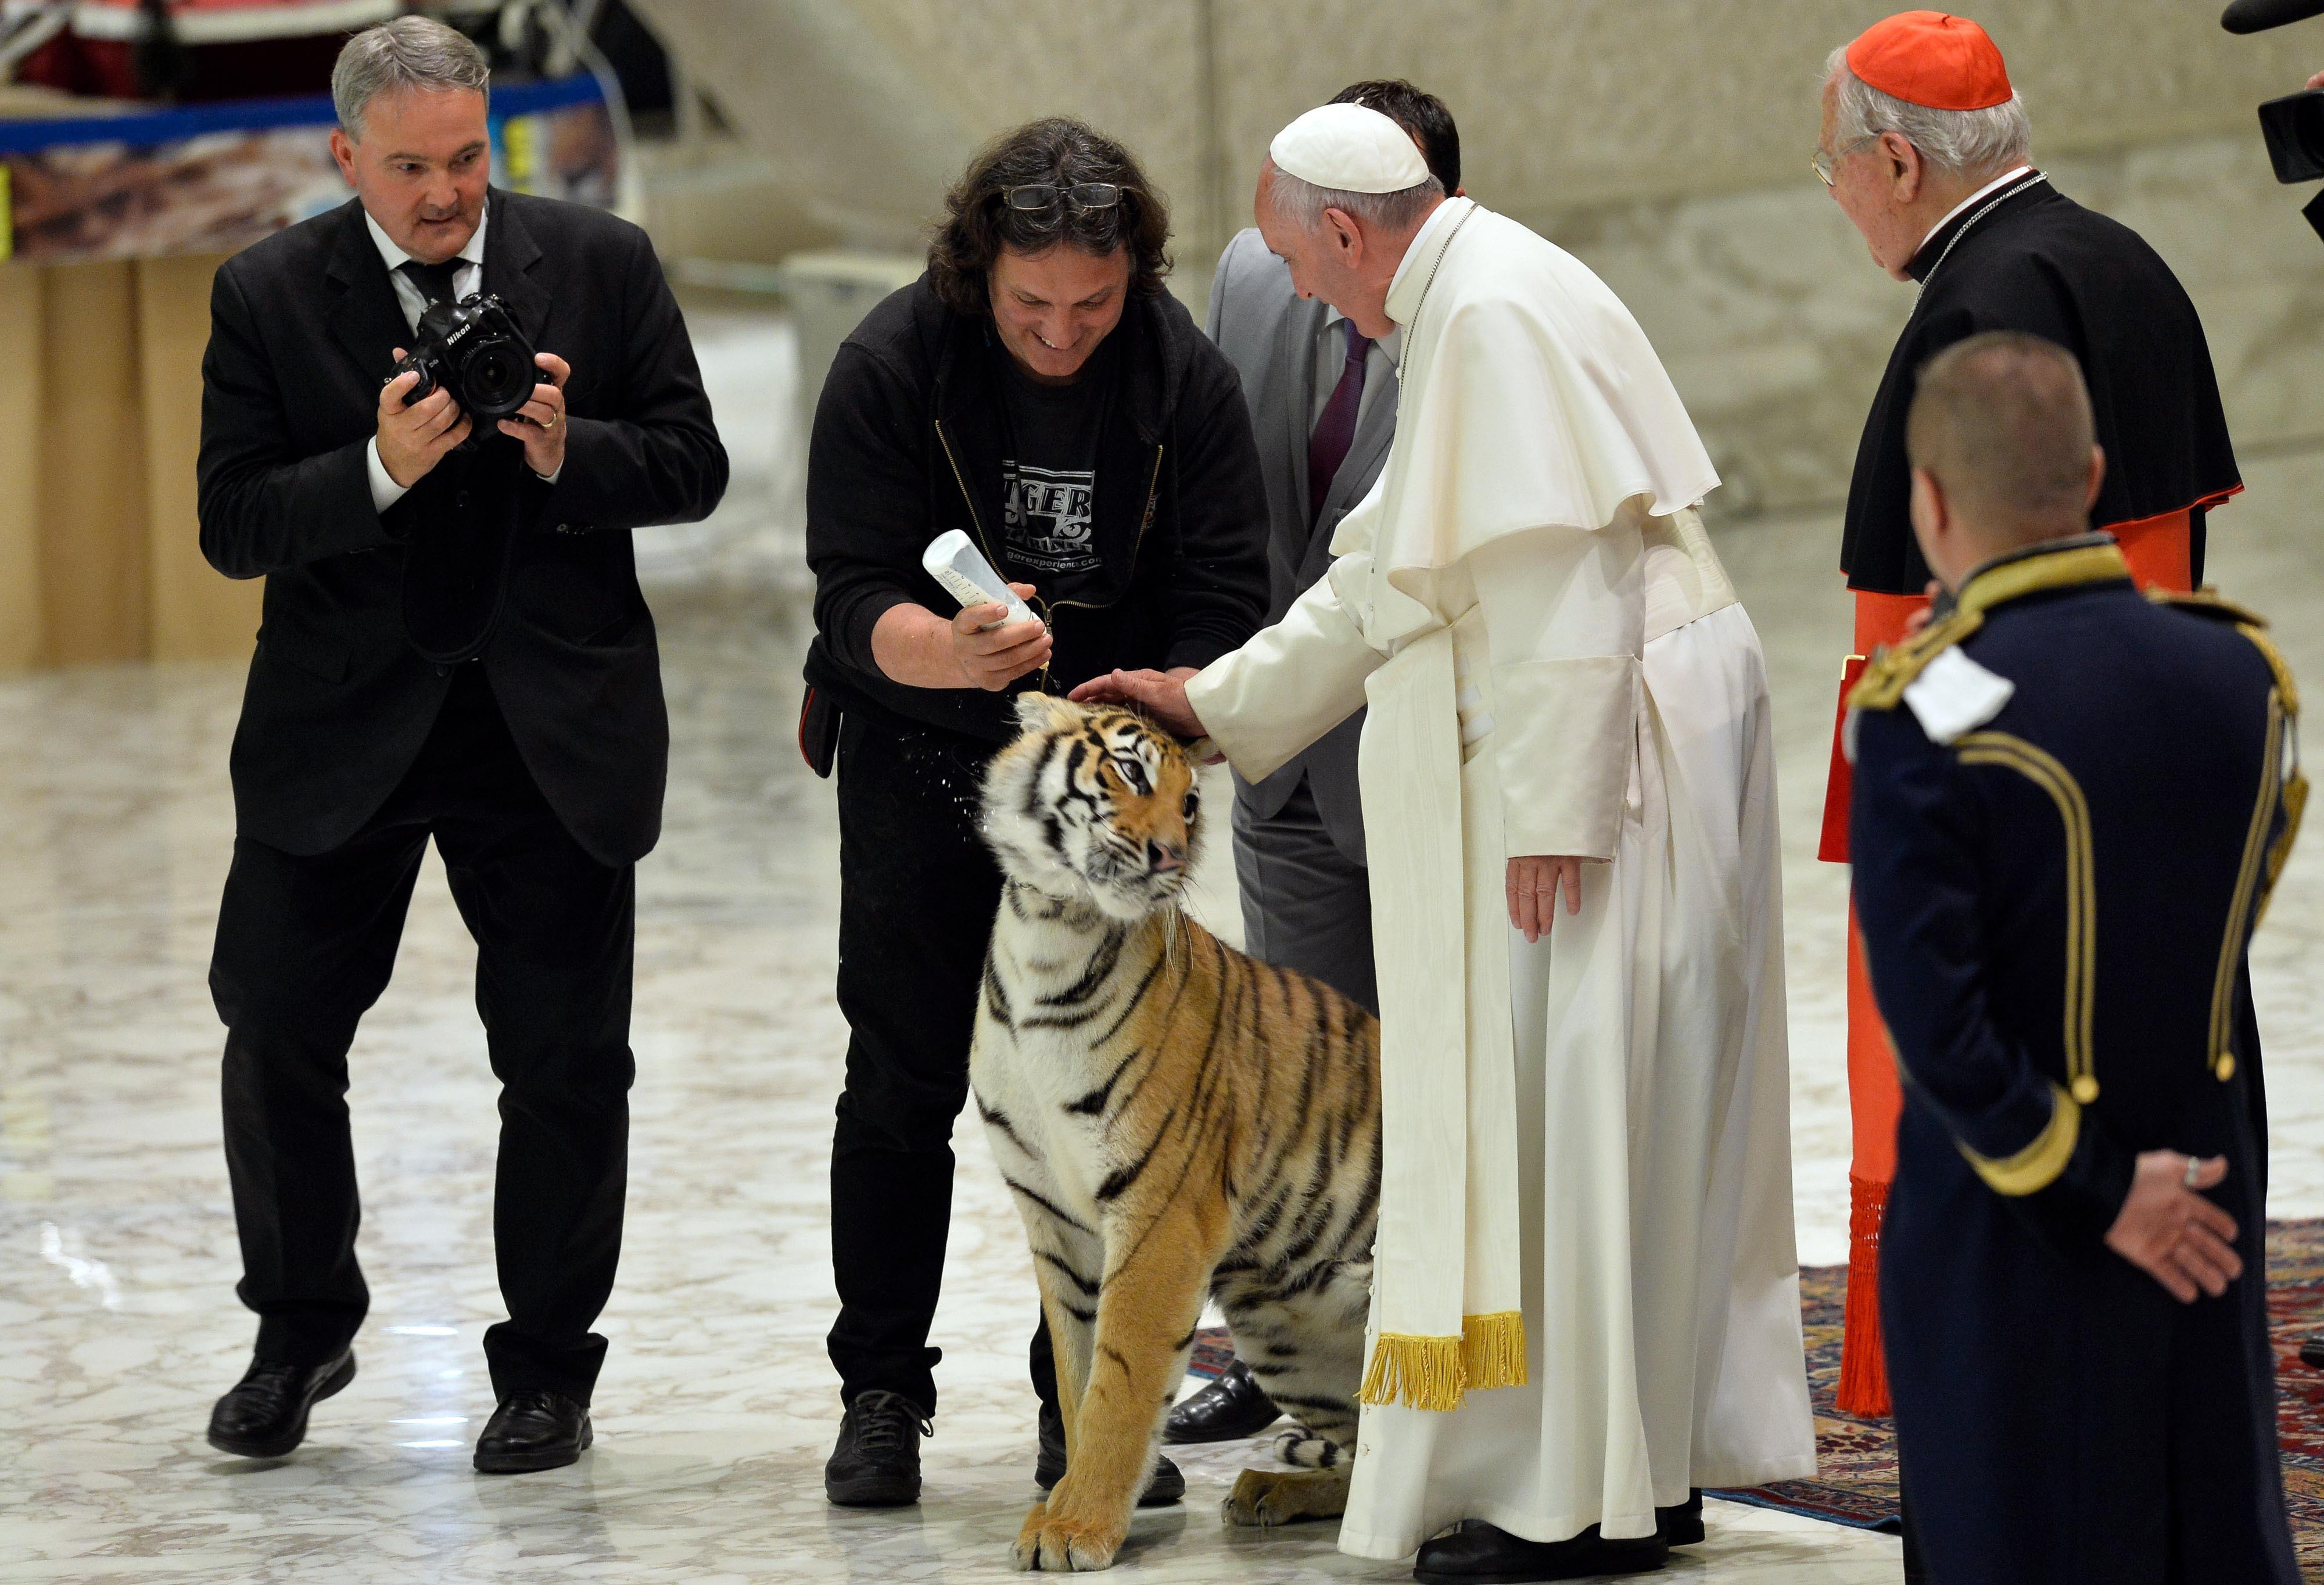 """(160616) -- ROMA, junio 16, 2016 (Xinhua) -- El papa Francisco (2-d) acaricia a un tigre durante su audiencia con los participantes del jubileo del """"mundo del espectáculo viajante"""", en la Ciudad del Vaticano, en Roma, Italia, el 16 de junio de 2016. (Xinhua/Giuseppe Ciccia/Pacific Press/ZUMAPRESS) (da) (dp)"""